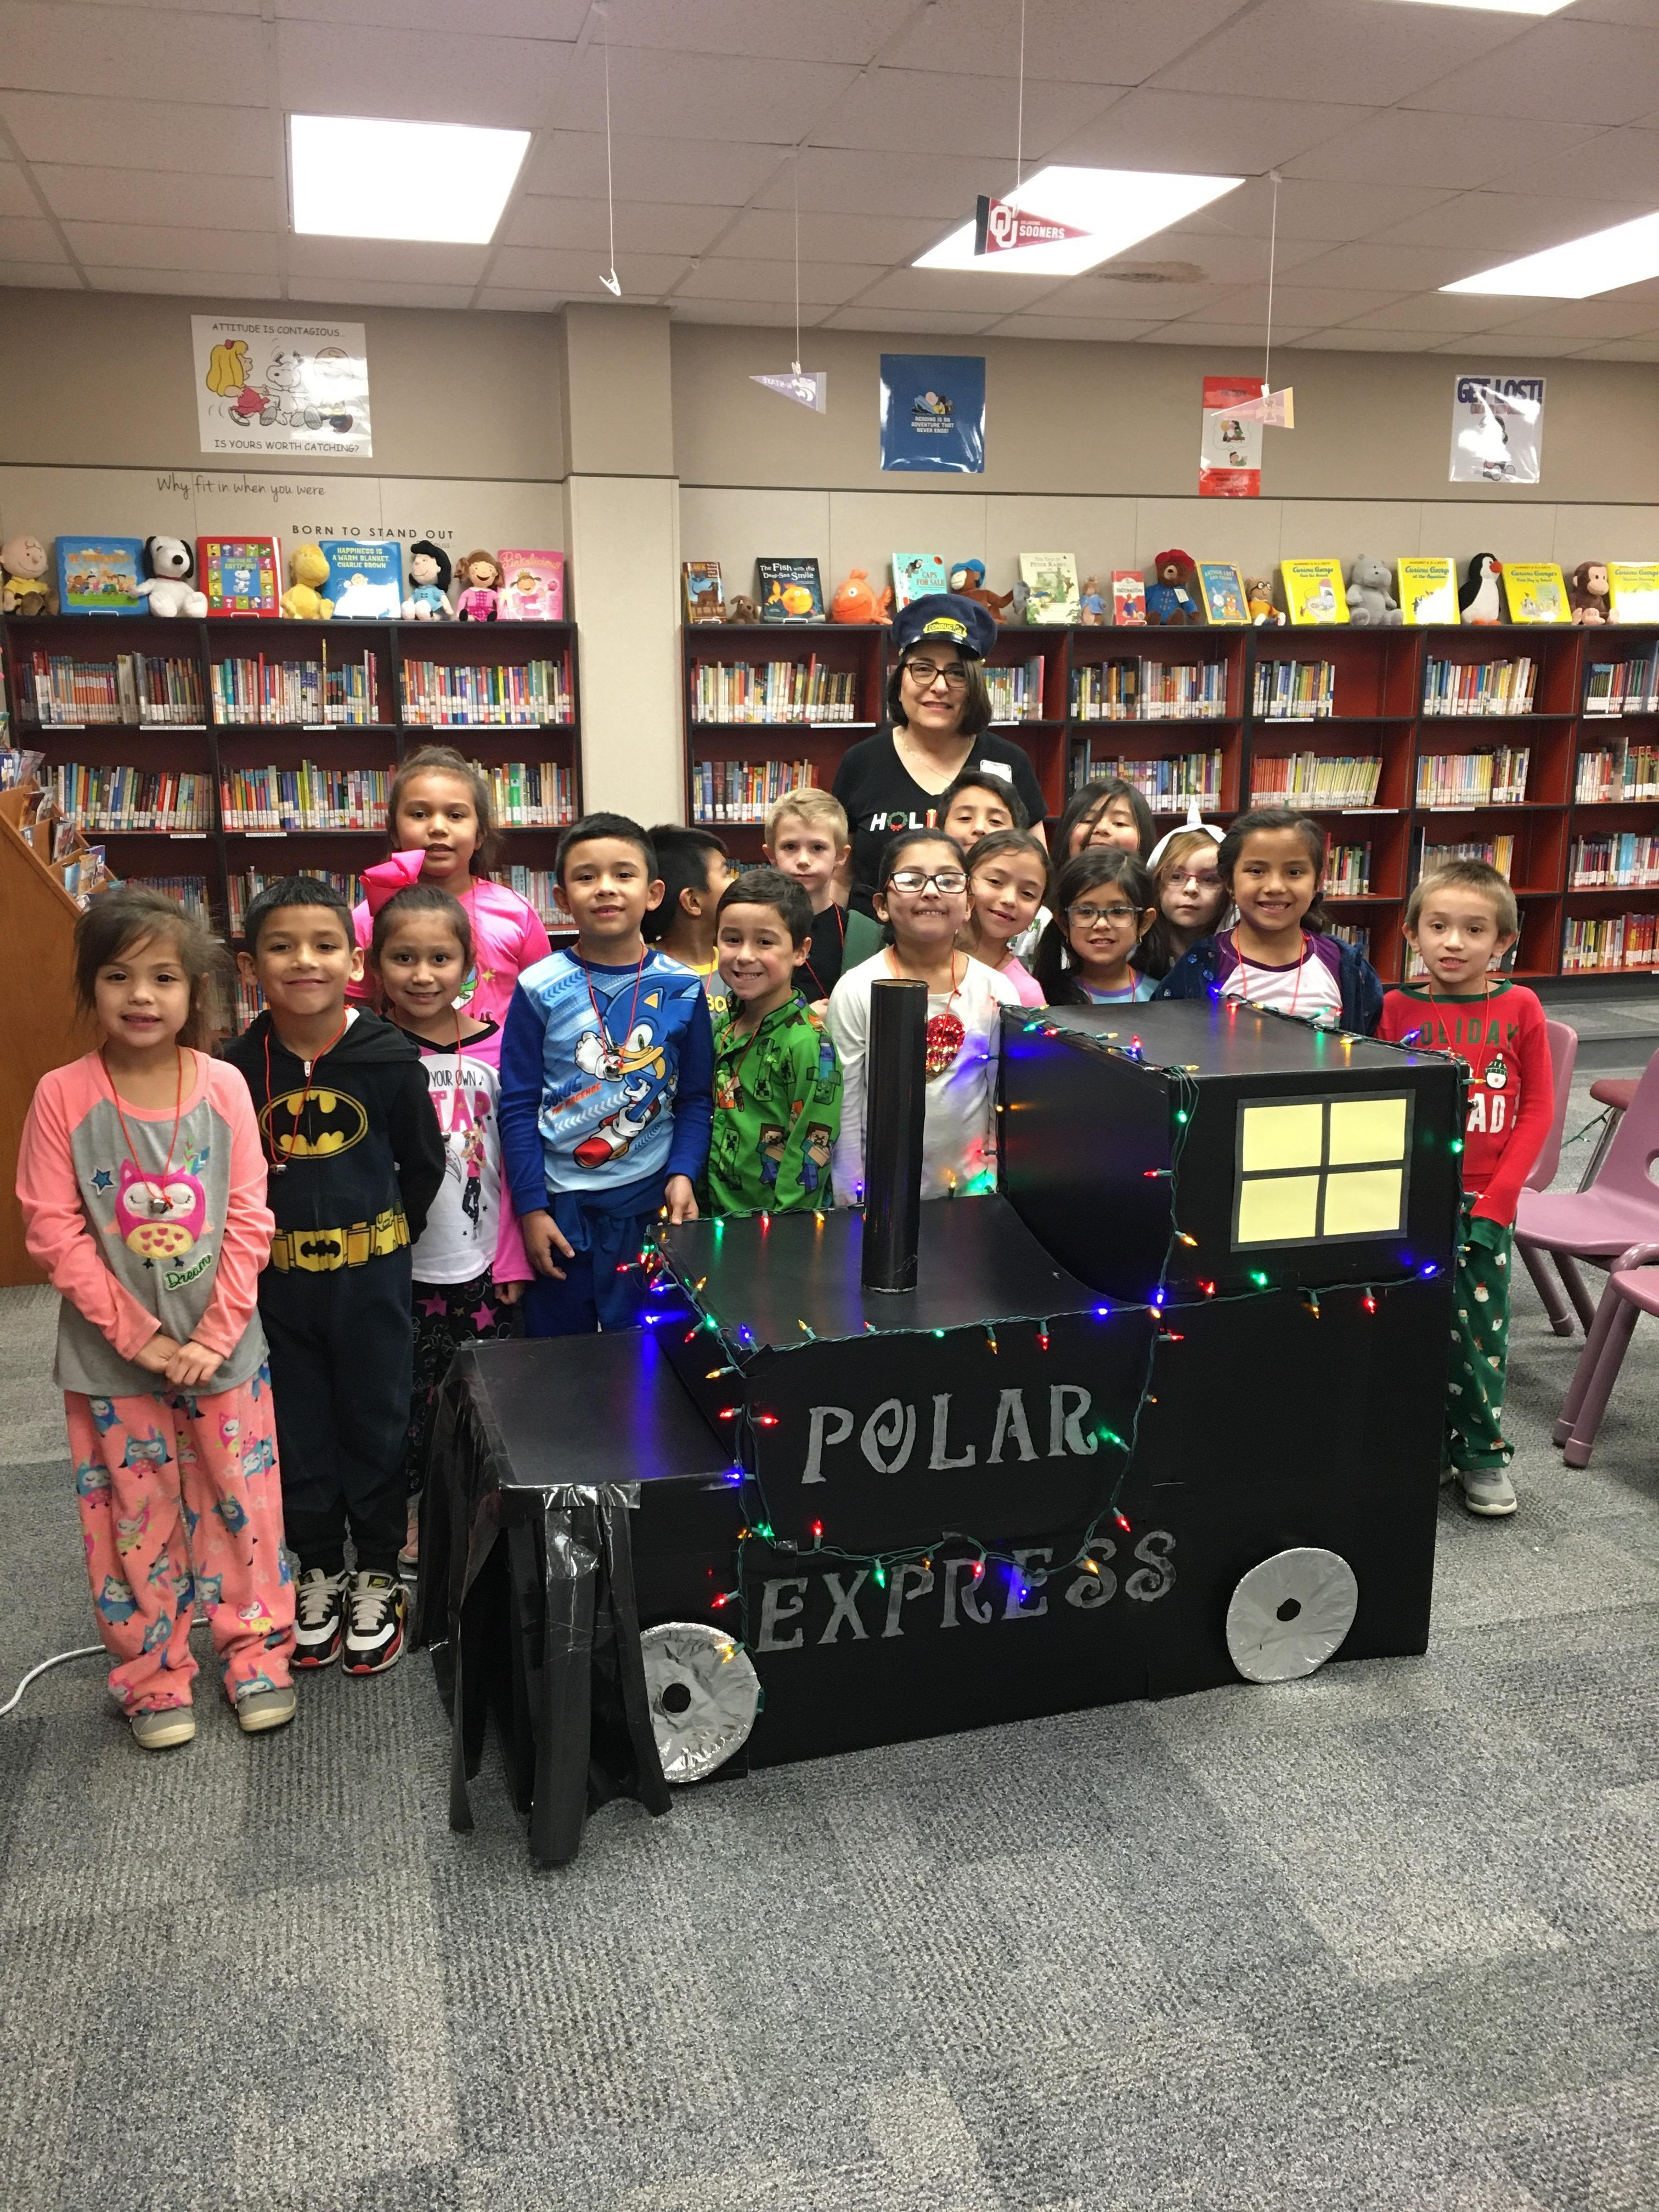 Mrs. Marquez' class at Polar Express